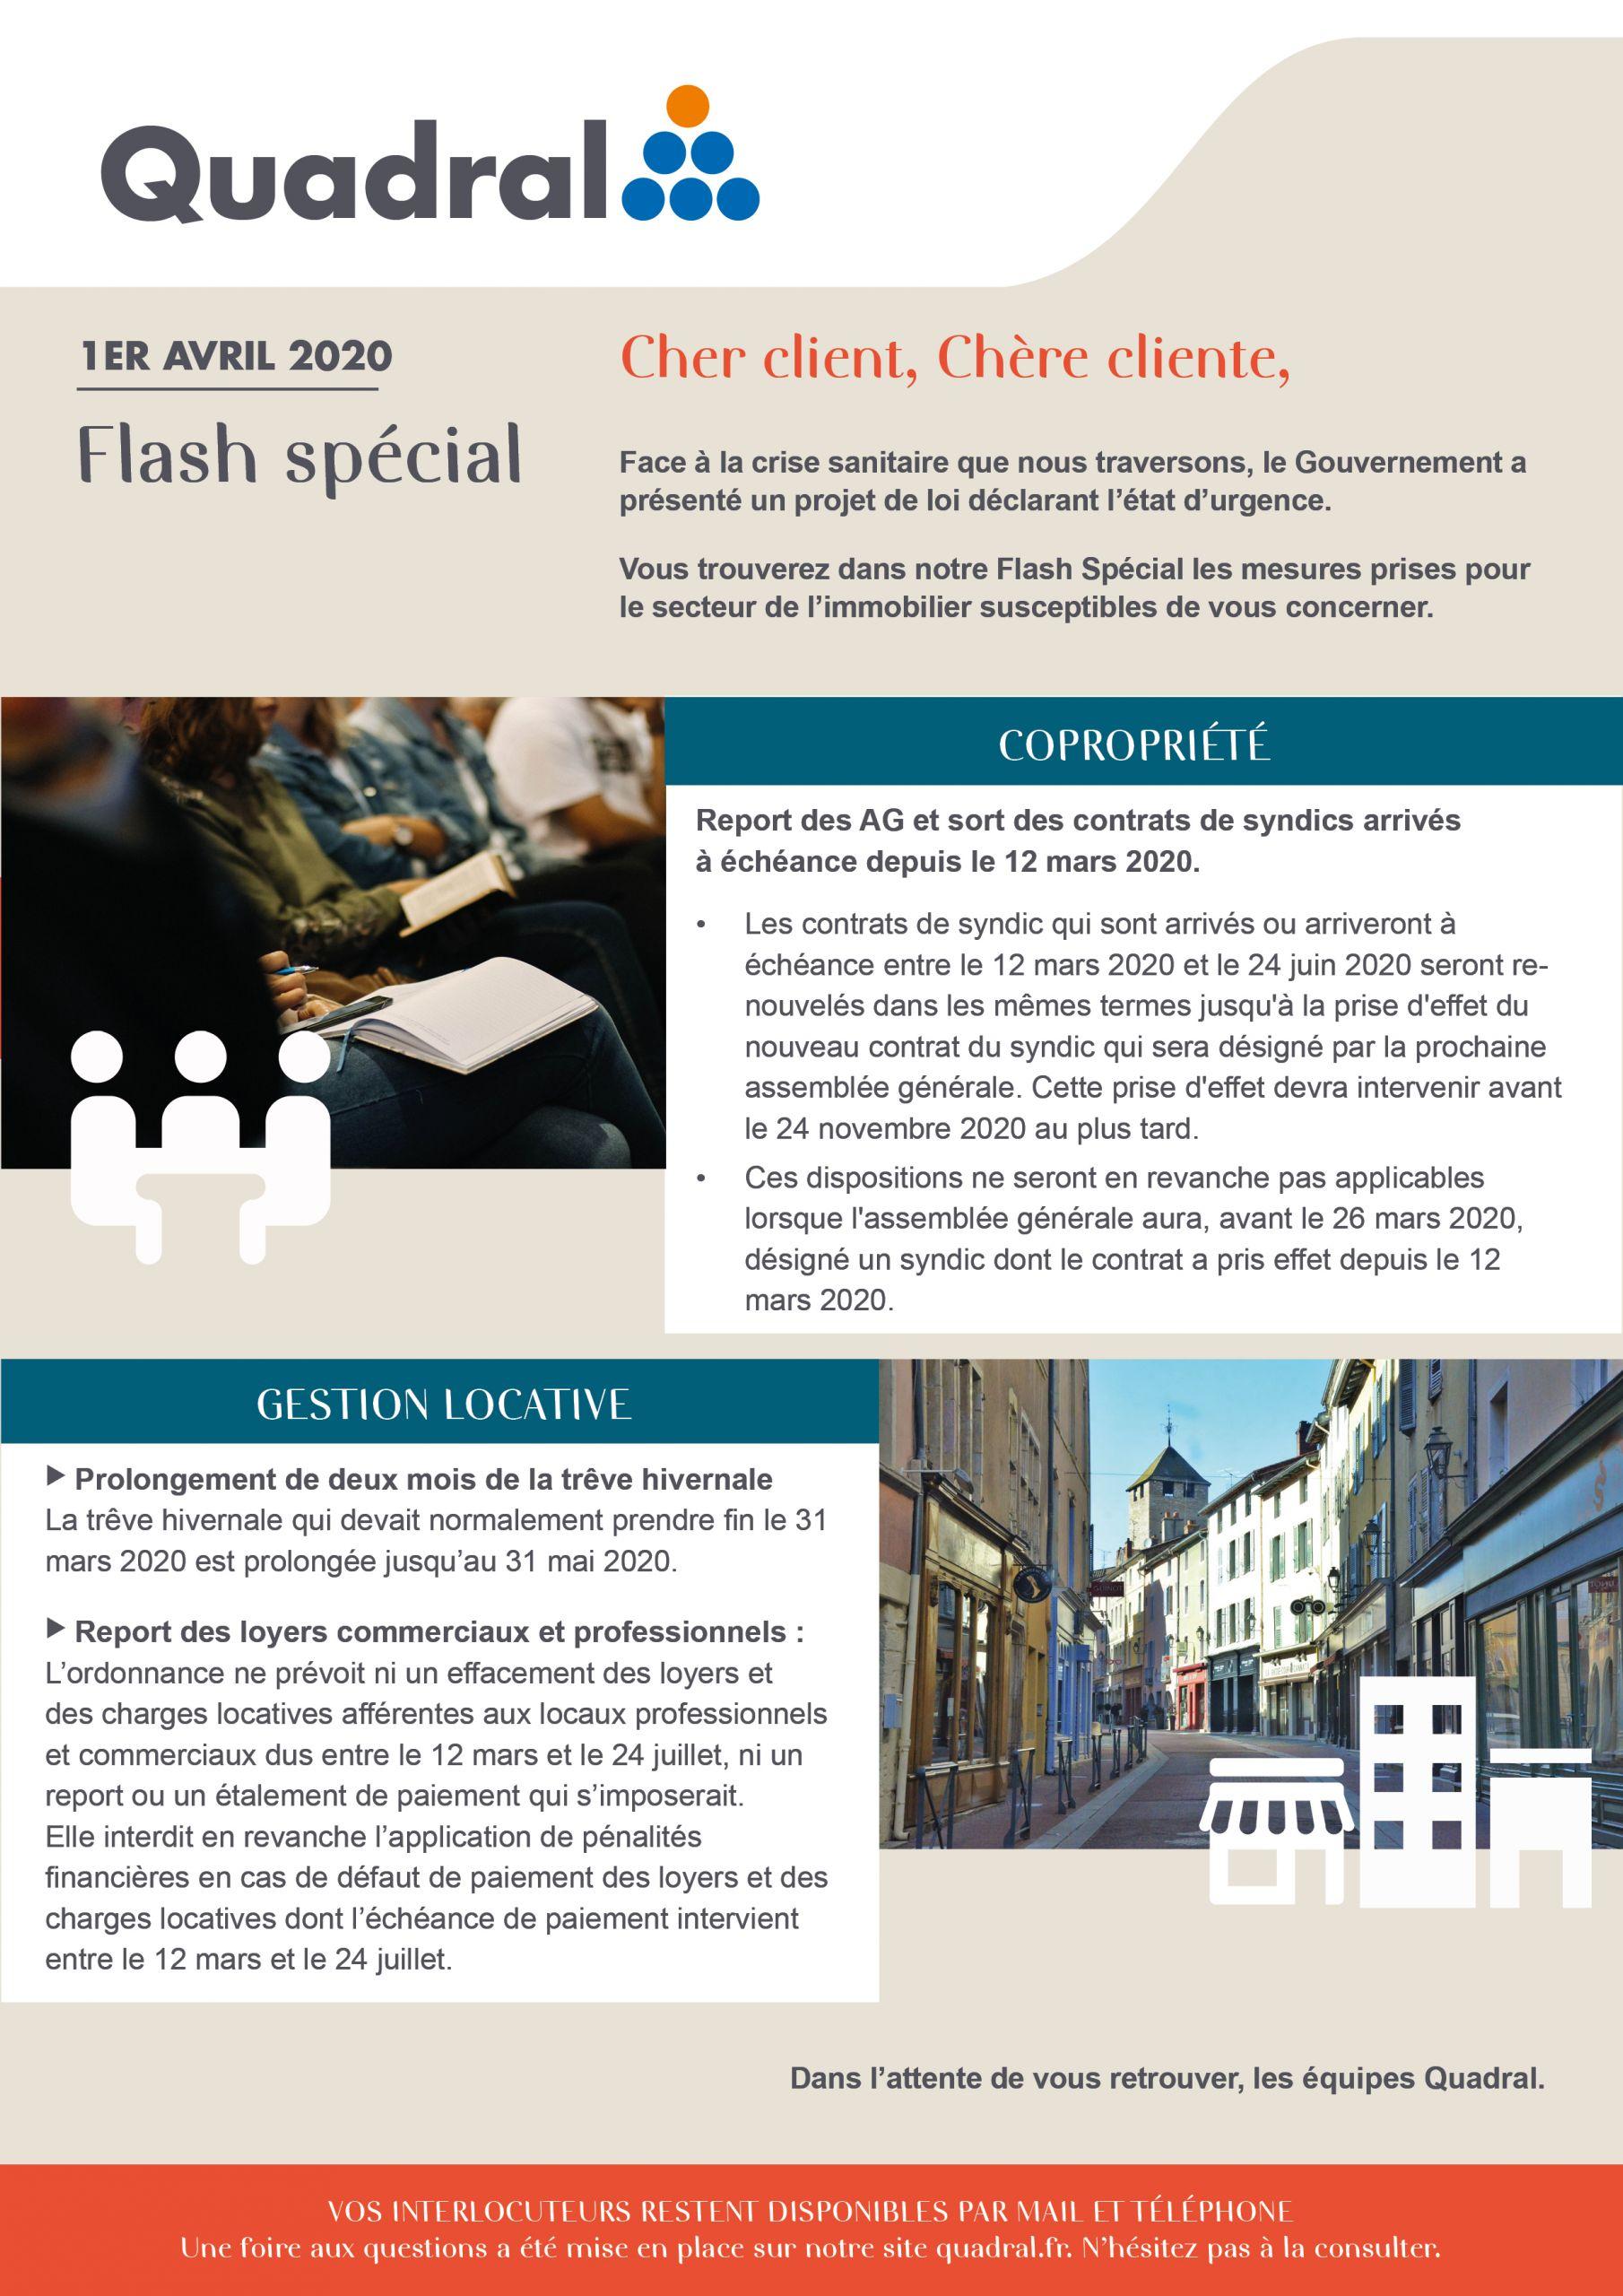 lettre informations clients copropriétés gestion locative immobilier france